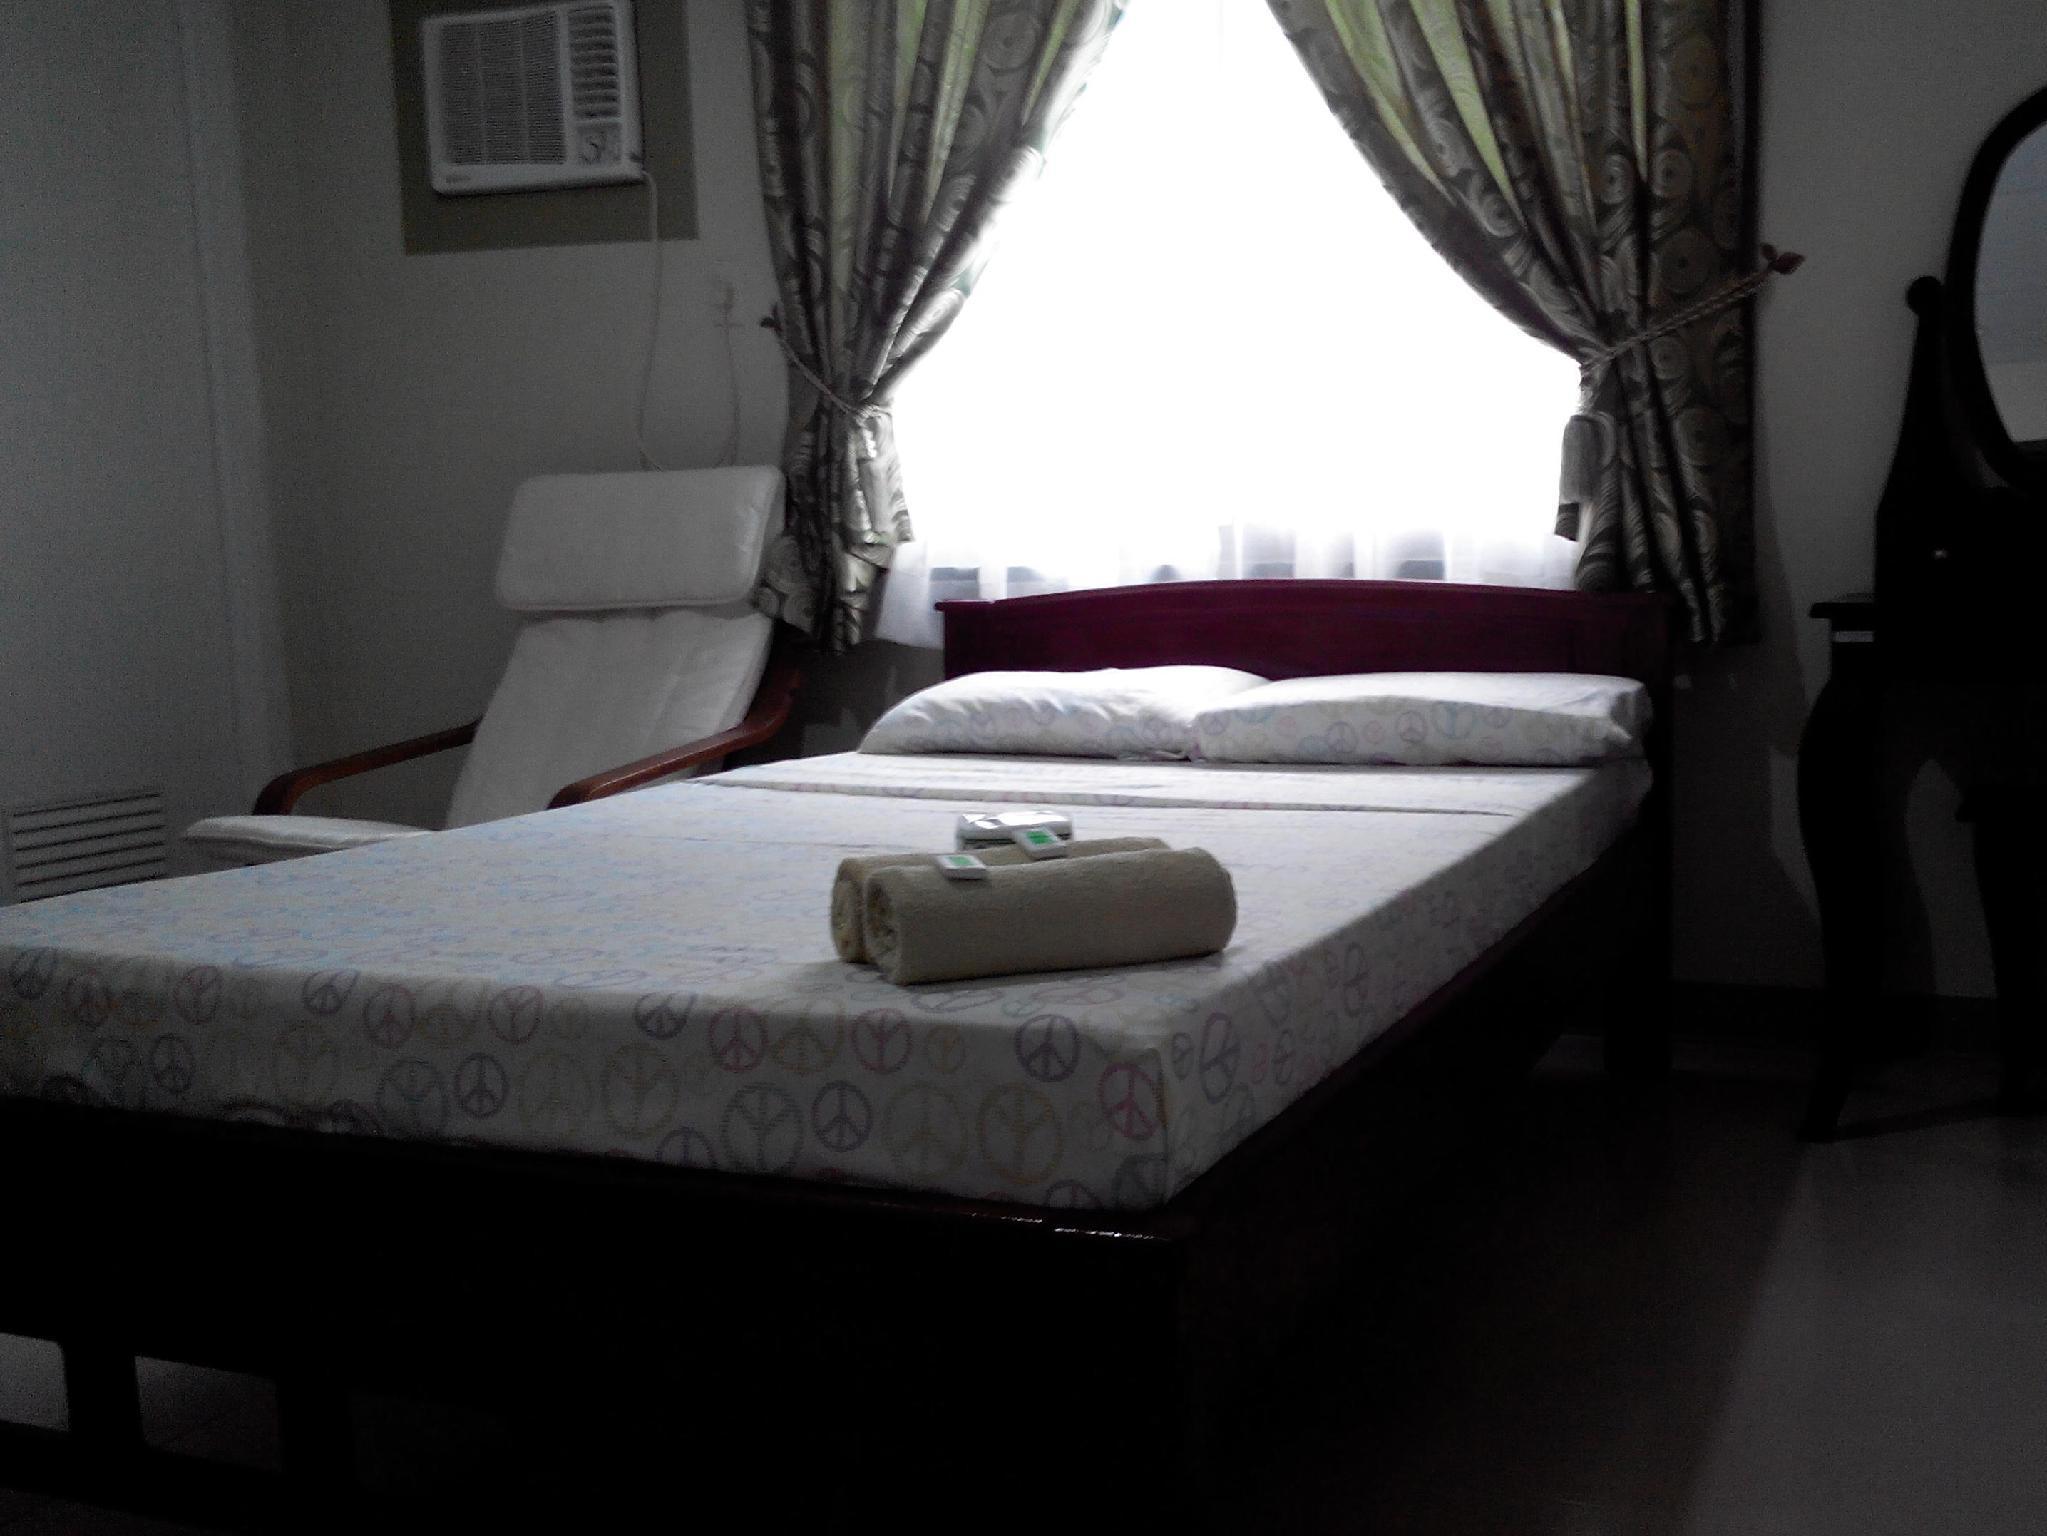 Raquels Pensionne House, Dapitan City